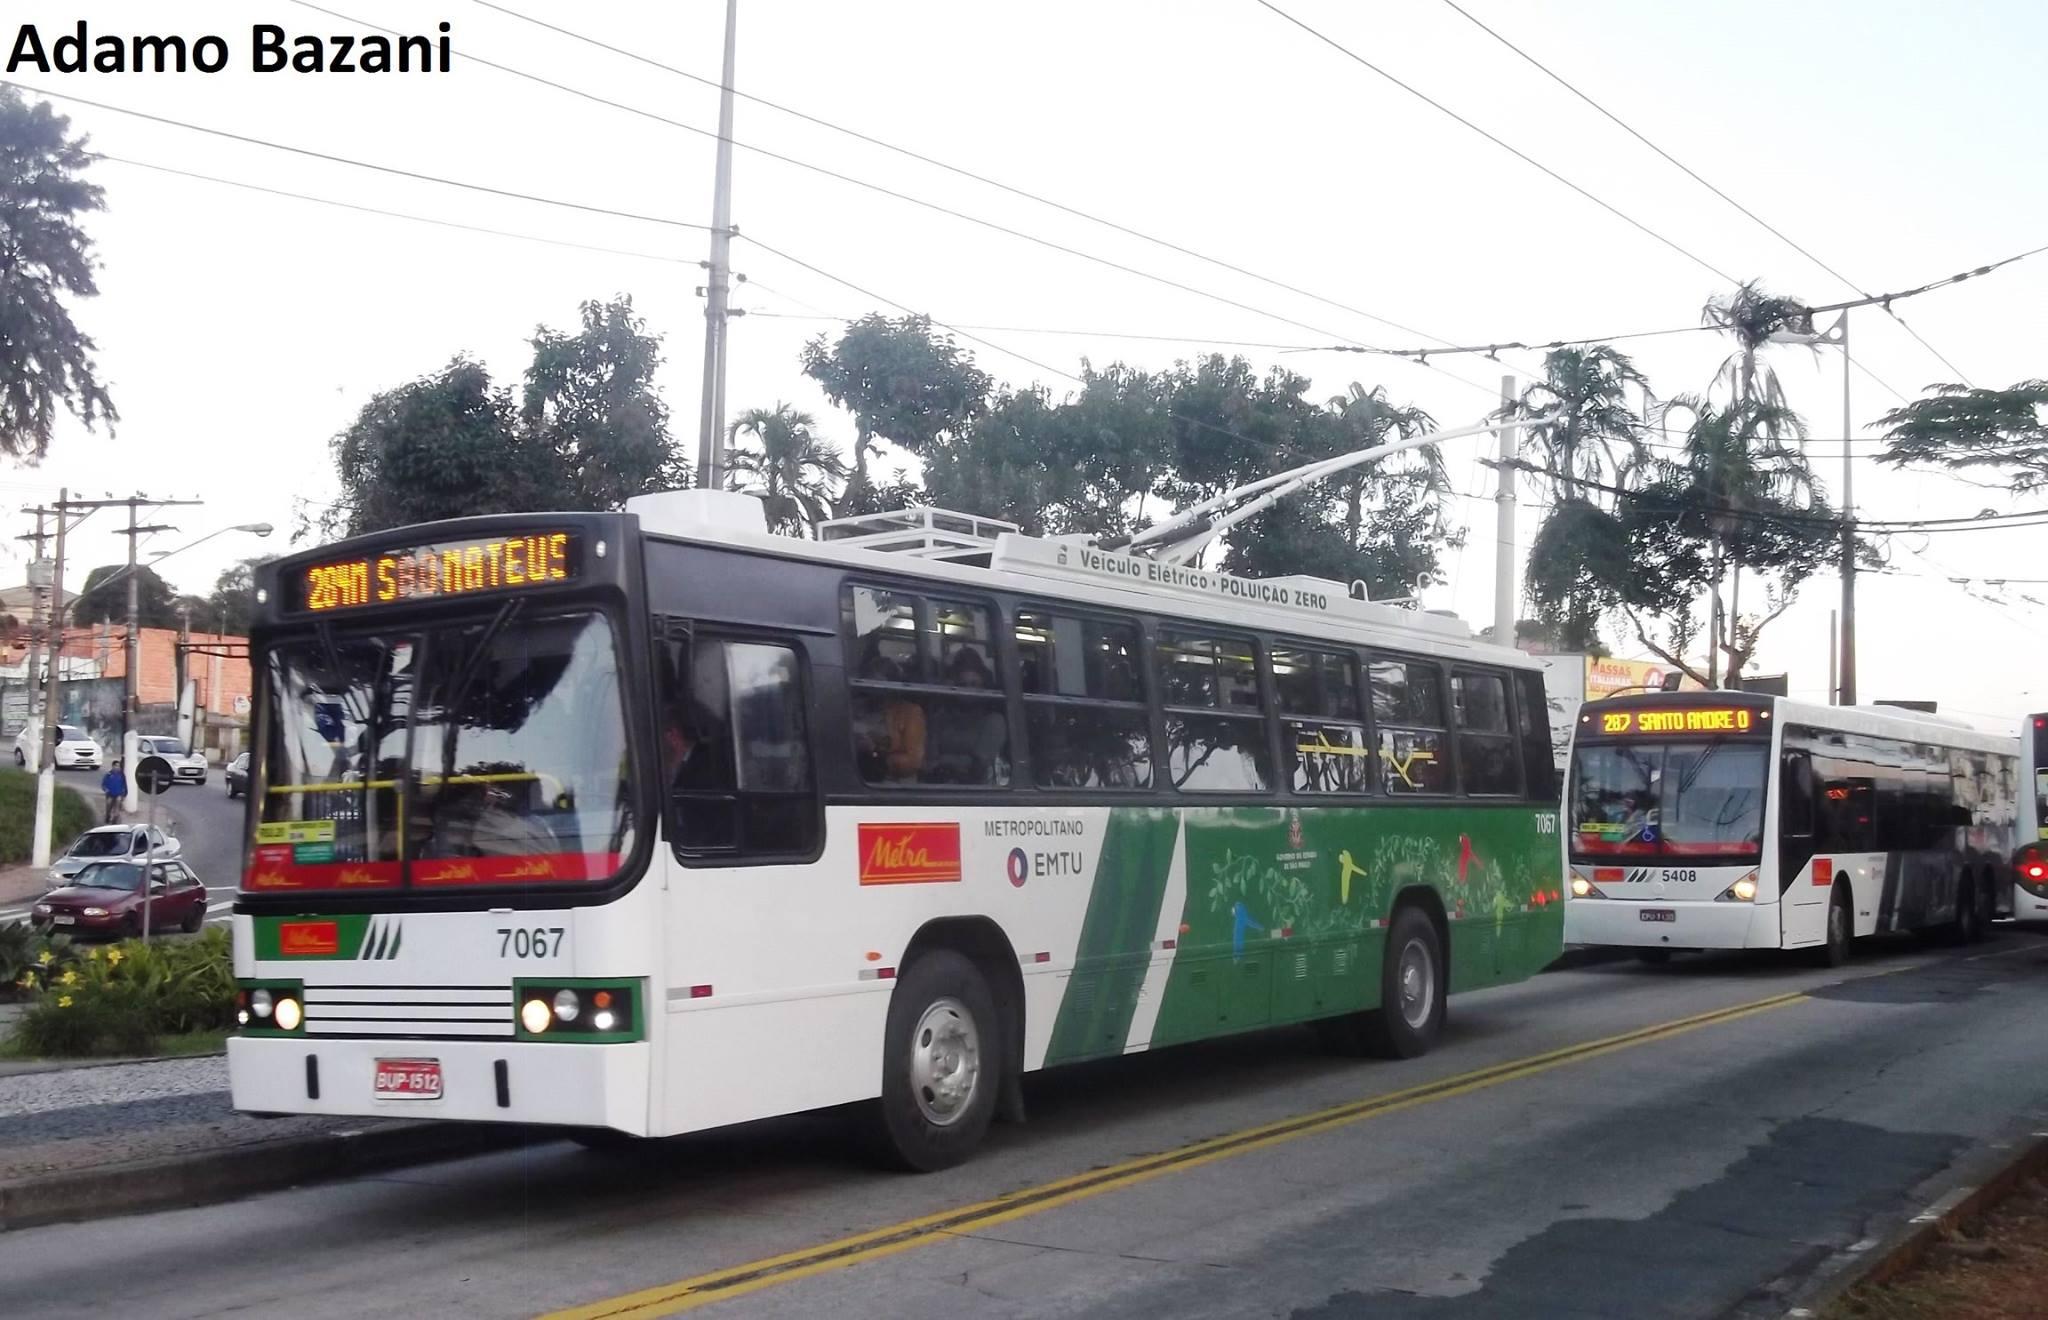 Metra, do ABC Paulista, aproveitou oportunidade e adquiriu 22 unidades. Em 2014, trólebus passaram por modernização e ainda hoje são prova de durabilidade.